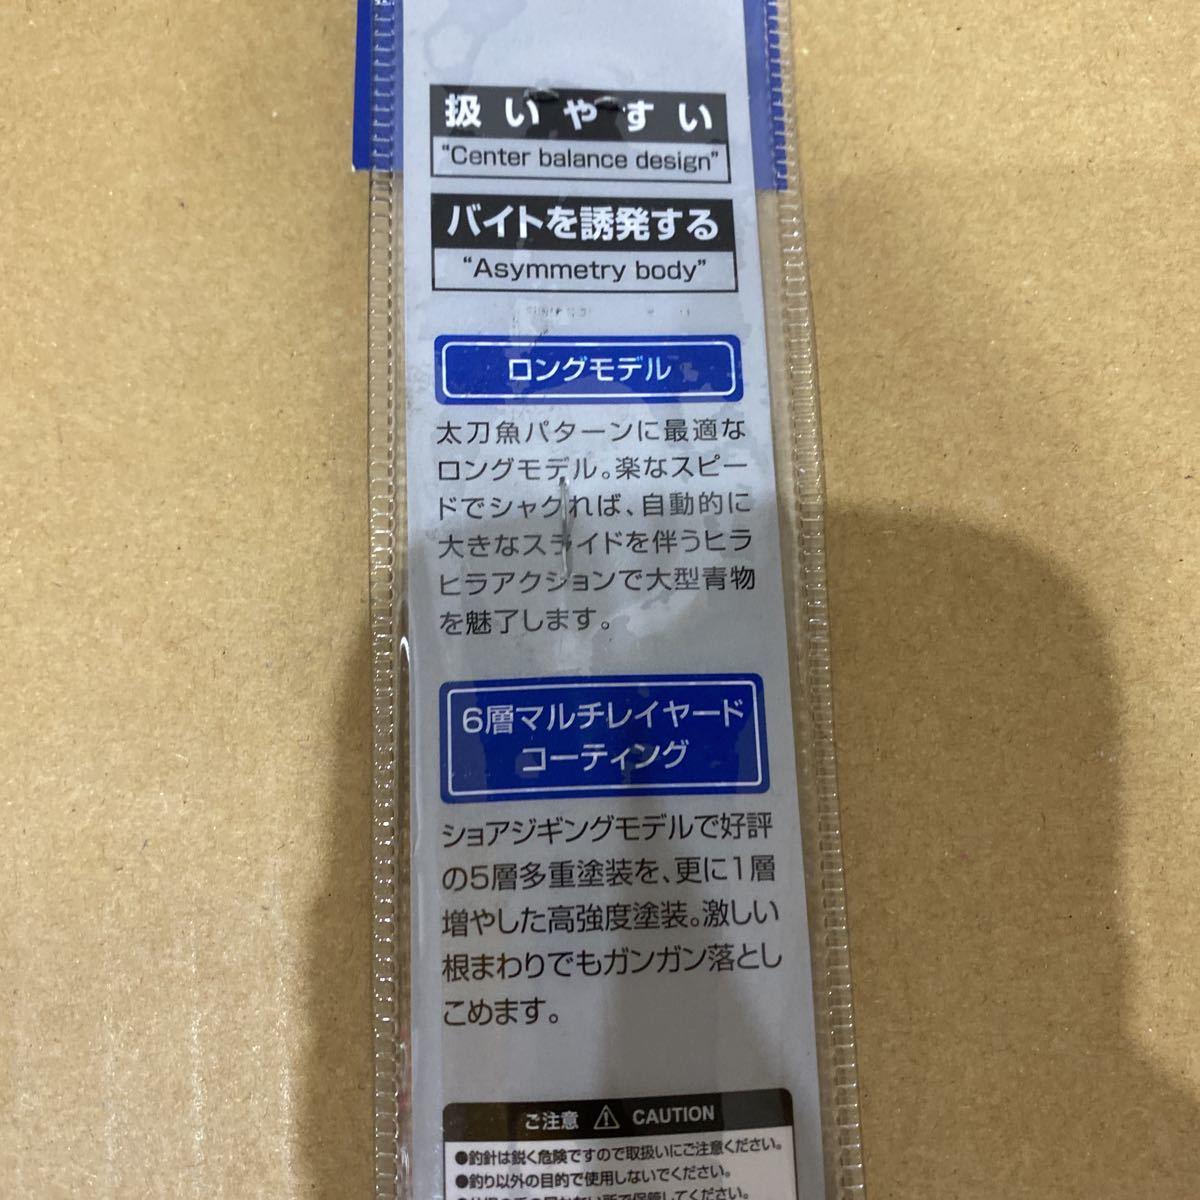 G6-34 新品未使用 メジャークラフト ジグパラ バーチカル ロング 100g 人気色 メタルジグ ジギング ソルト ルアー 同梱可_画像5